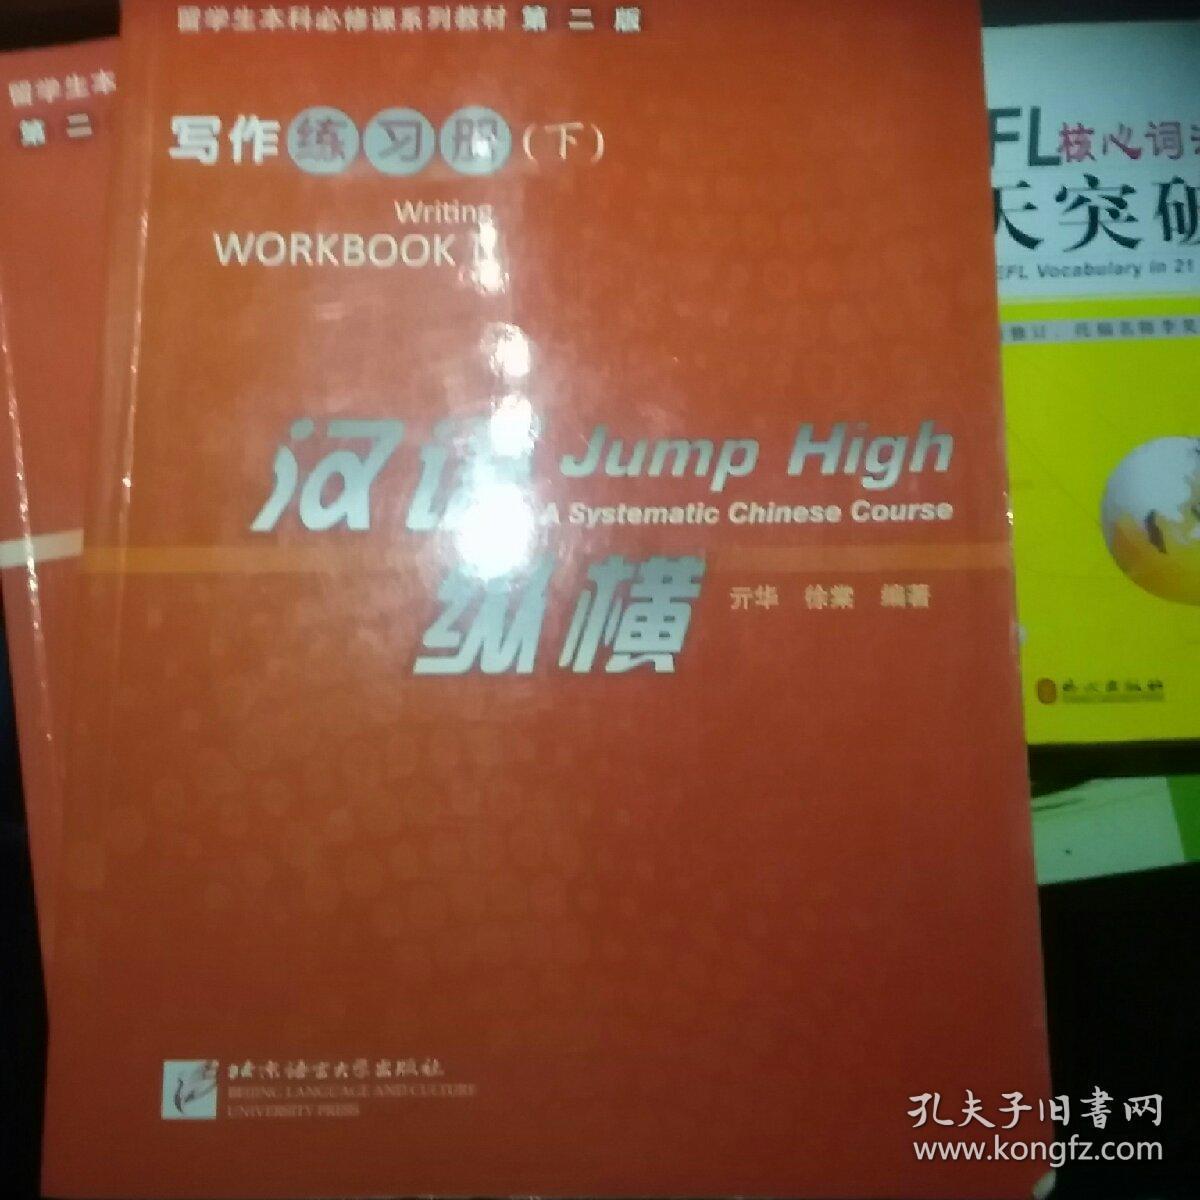 留学生本科必修课系列教材:汉语纵横写作练习册(上)(第2版)